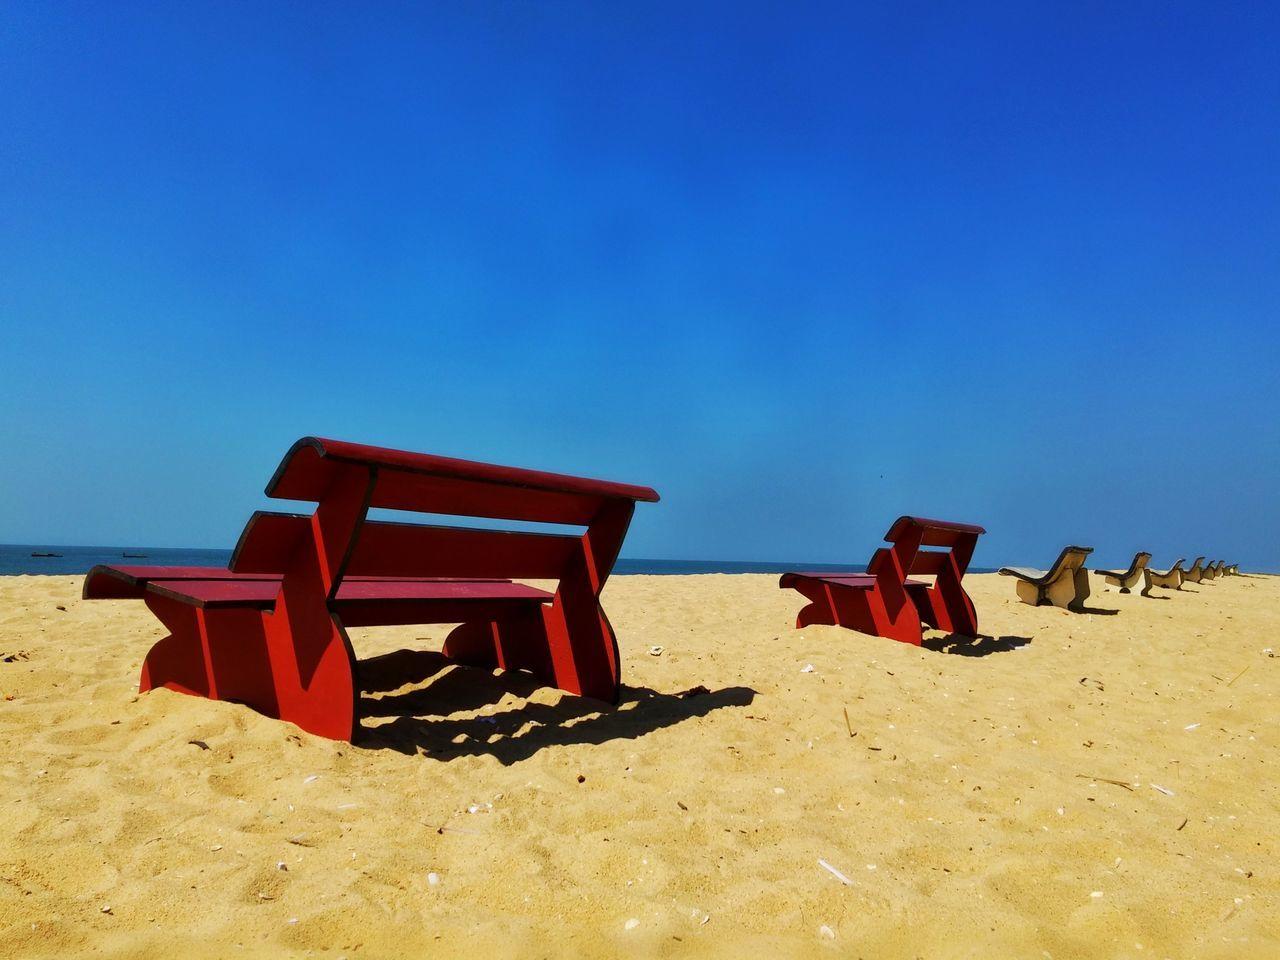 Beach Beachporn Sand Water Blue Sky Blue Sea Sea And Sky Ocean Waves Sunny Day Coast Seaside Ripple